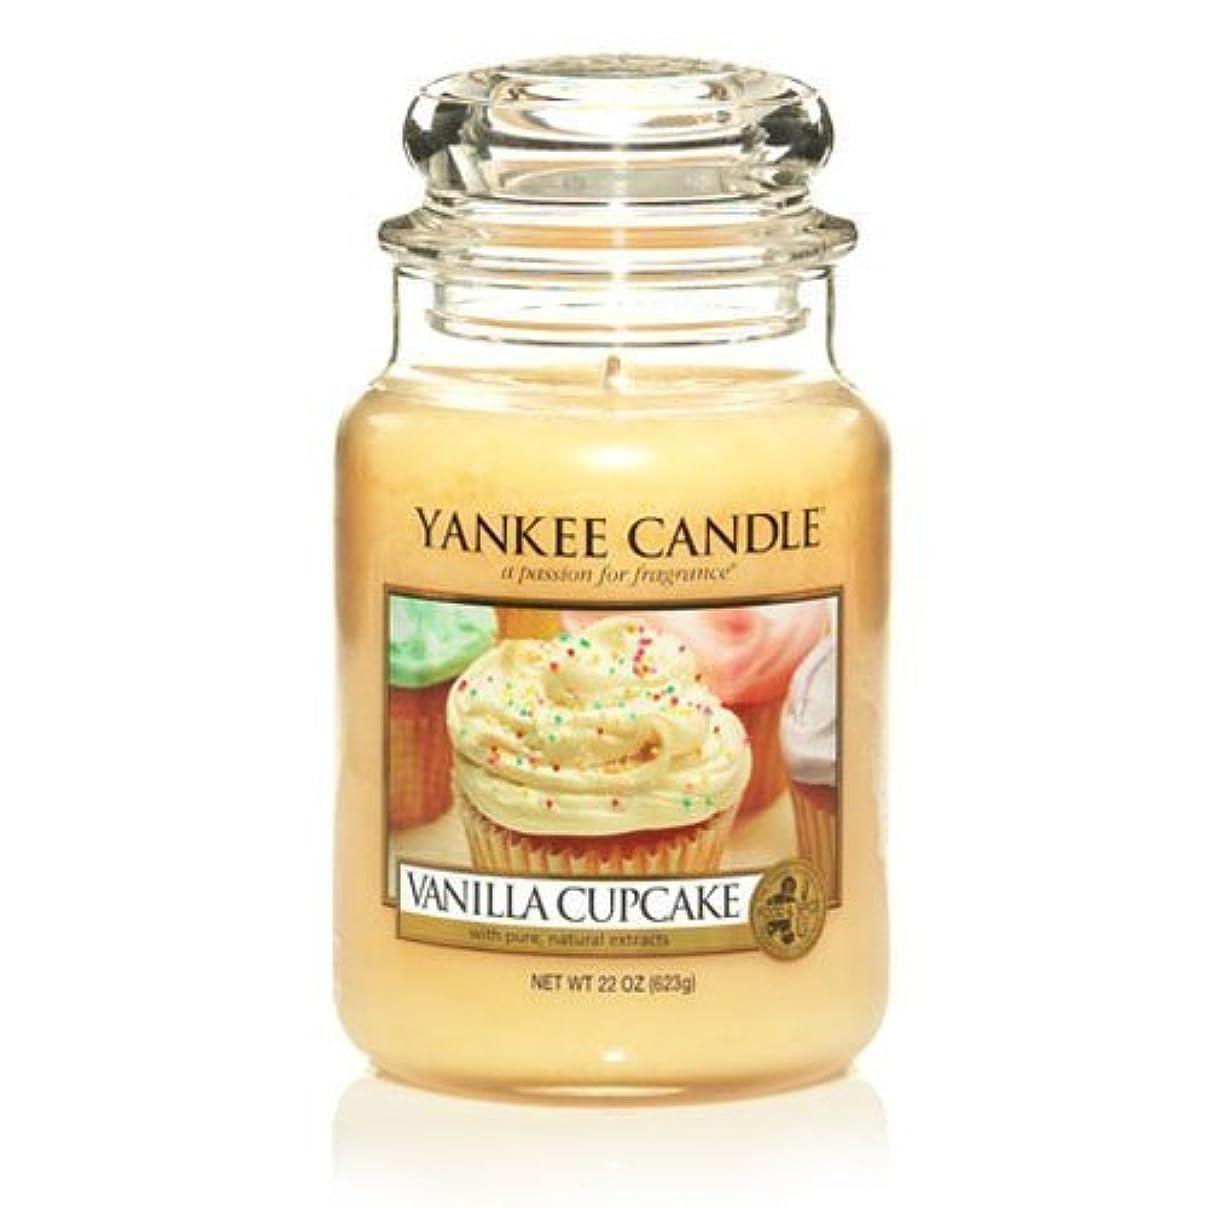 ぼんやりした床を掃除する先行するLarge Yankee CAndle Jar Vanilla Cupcake by Yankee Candles [並行輸入品]